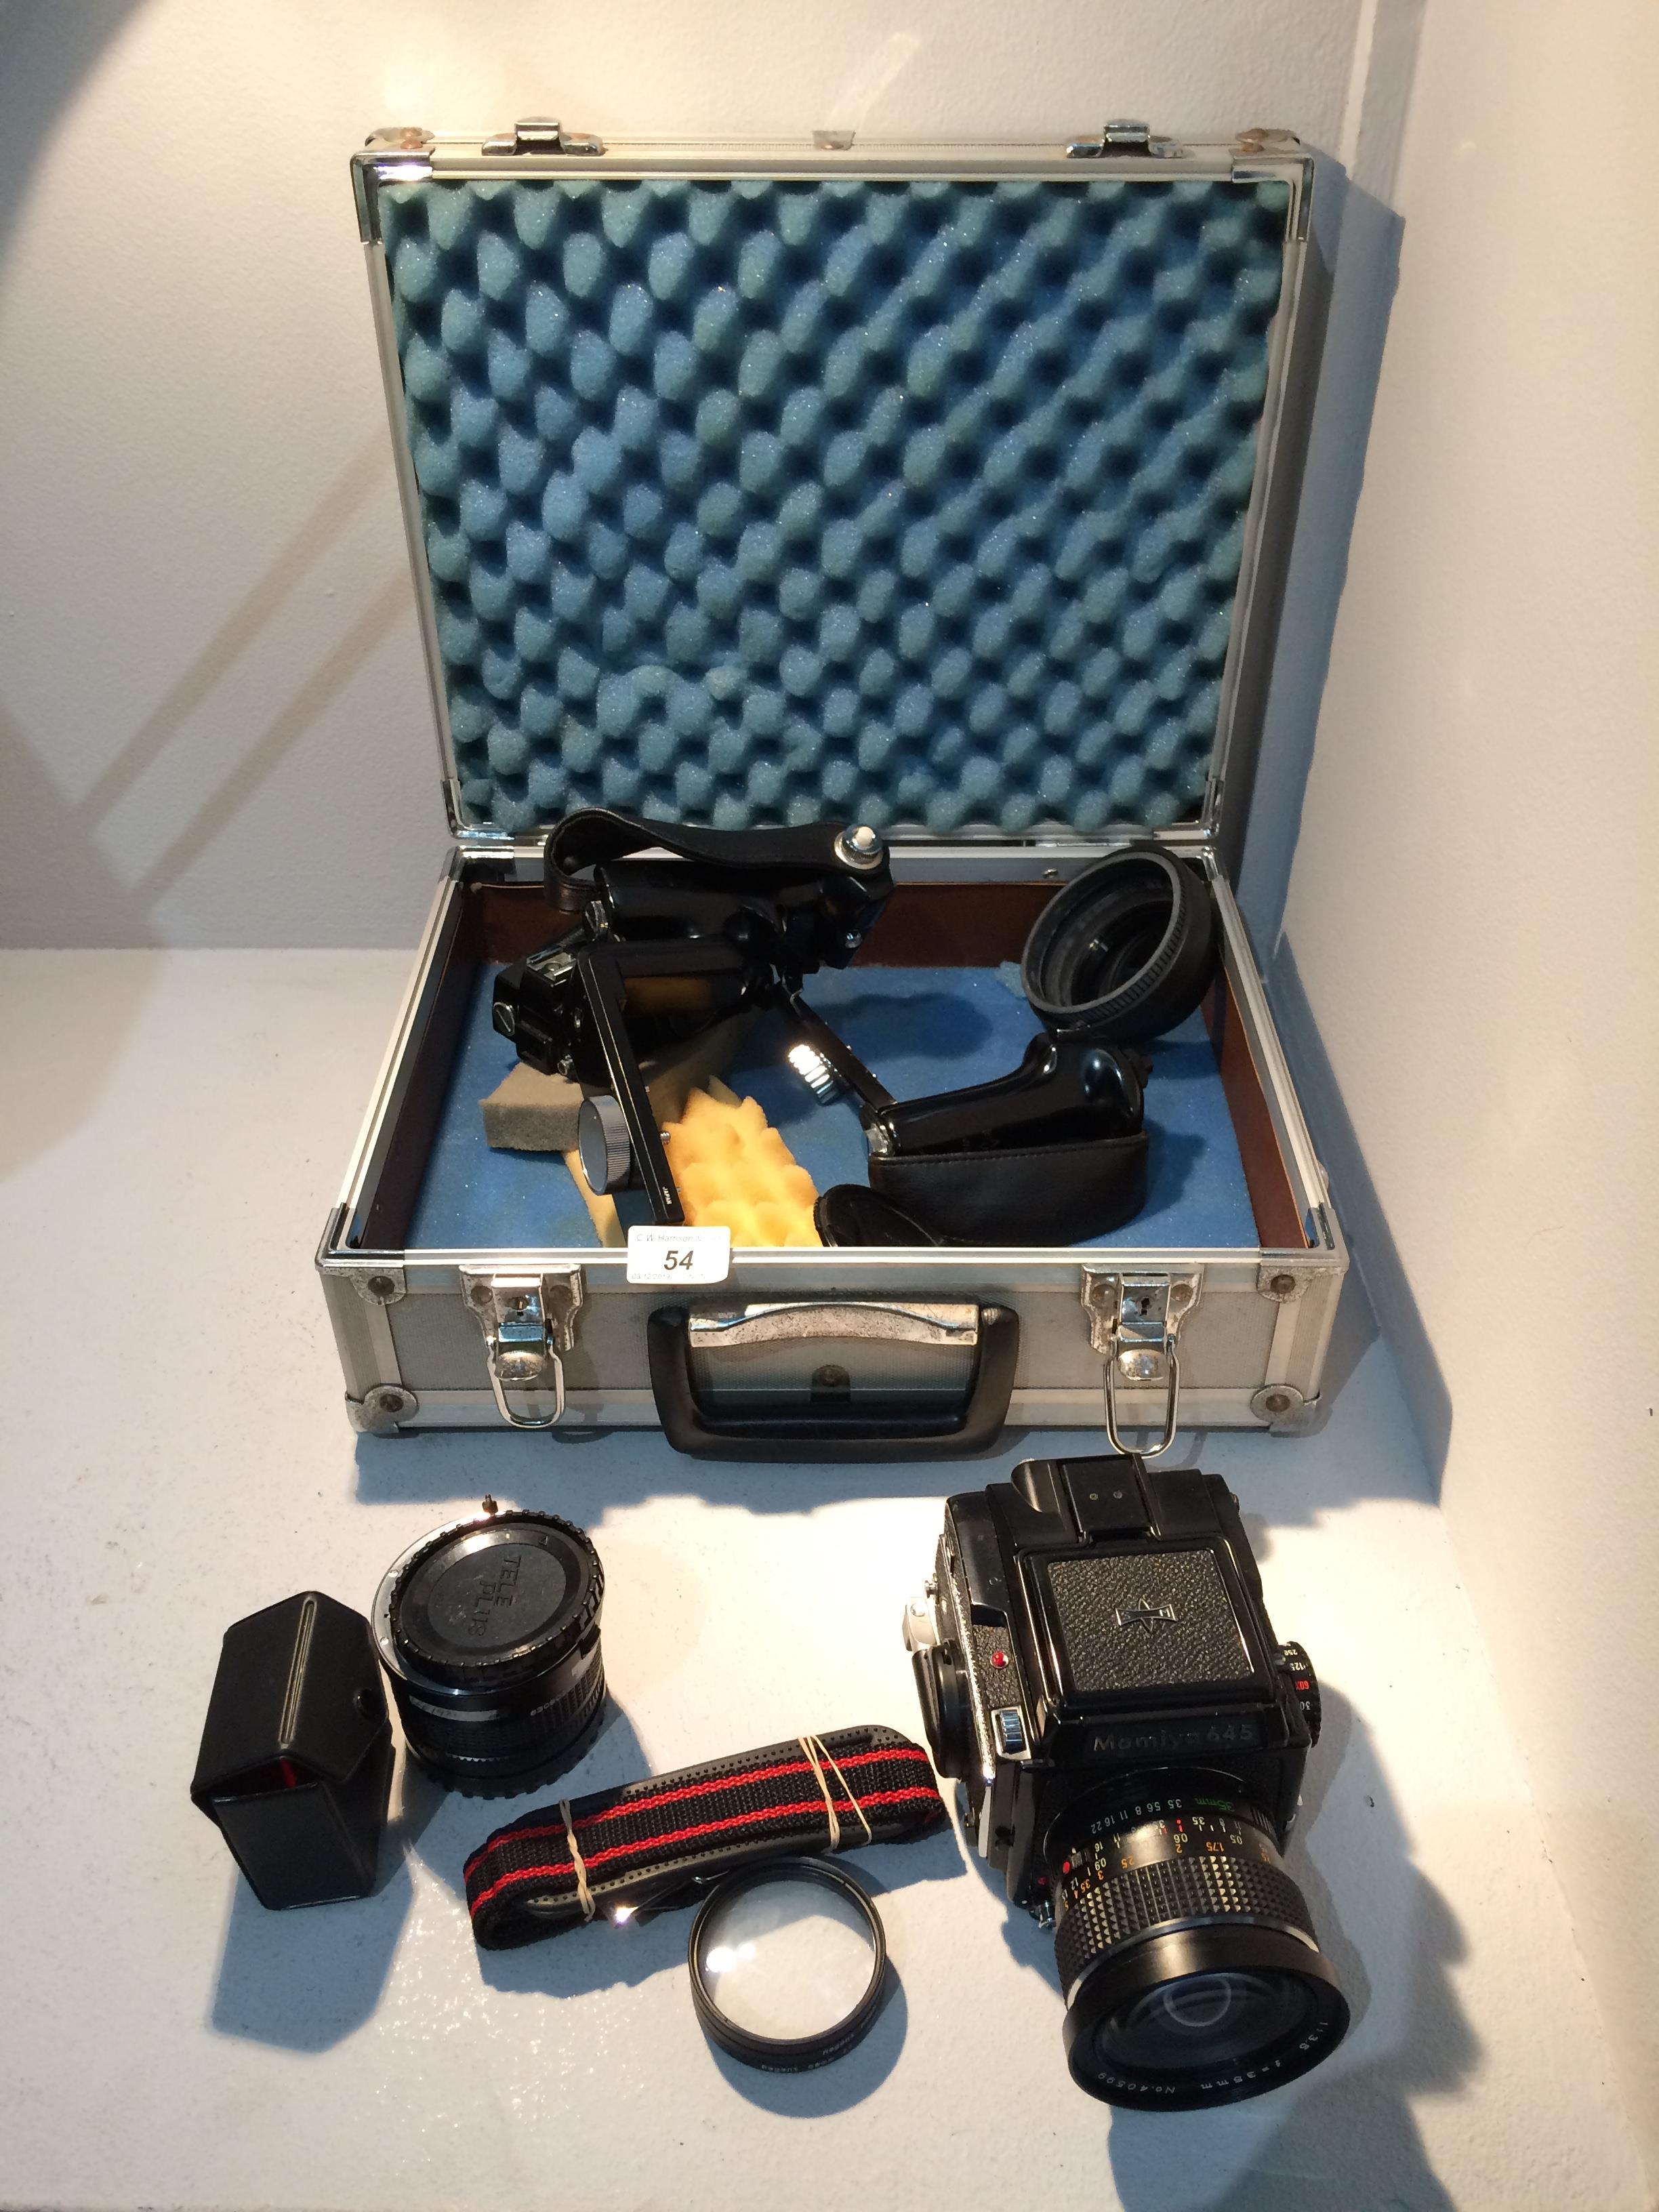 Lot 54 - Mamiya 645 camera with a Mamiya Sekor C 1:3.